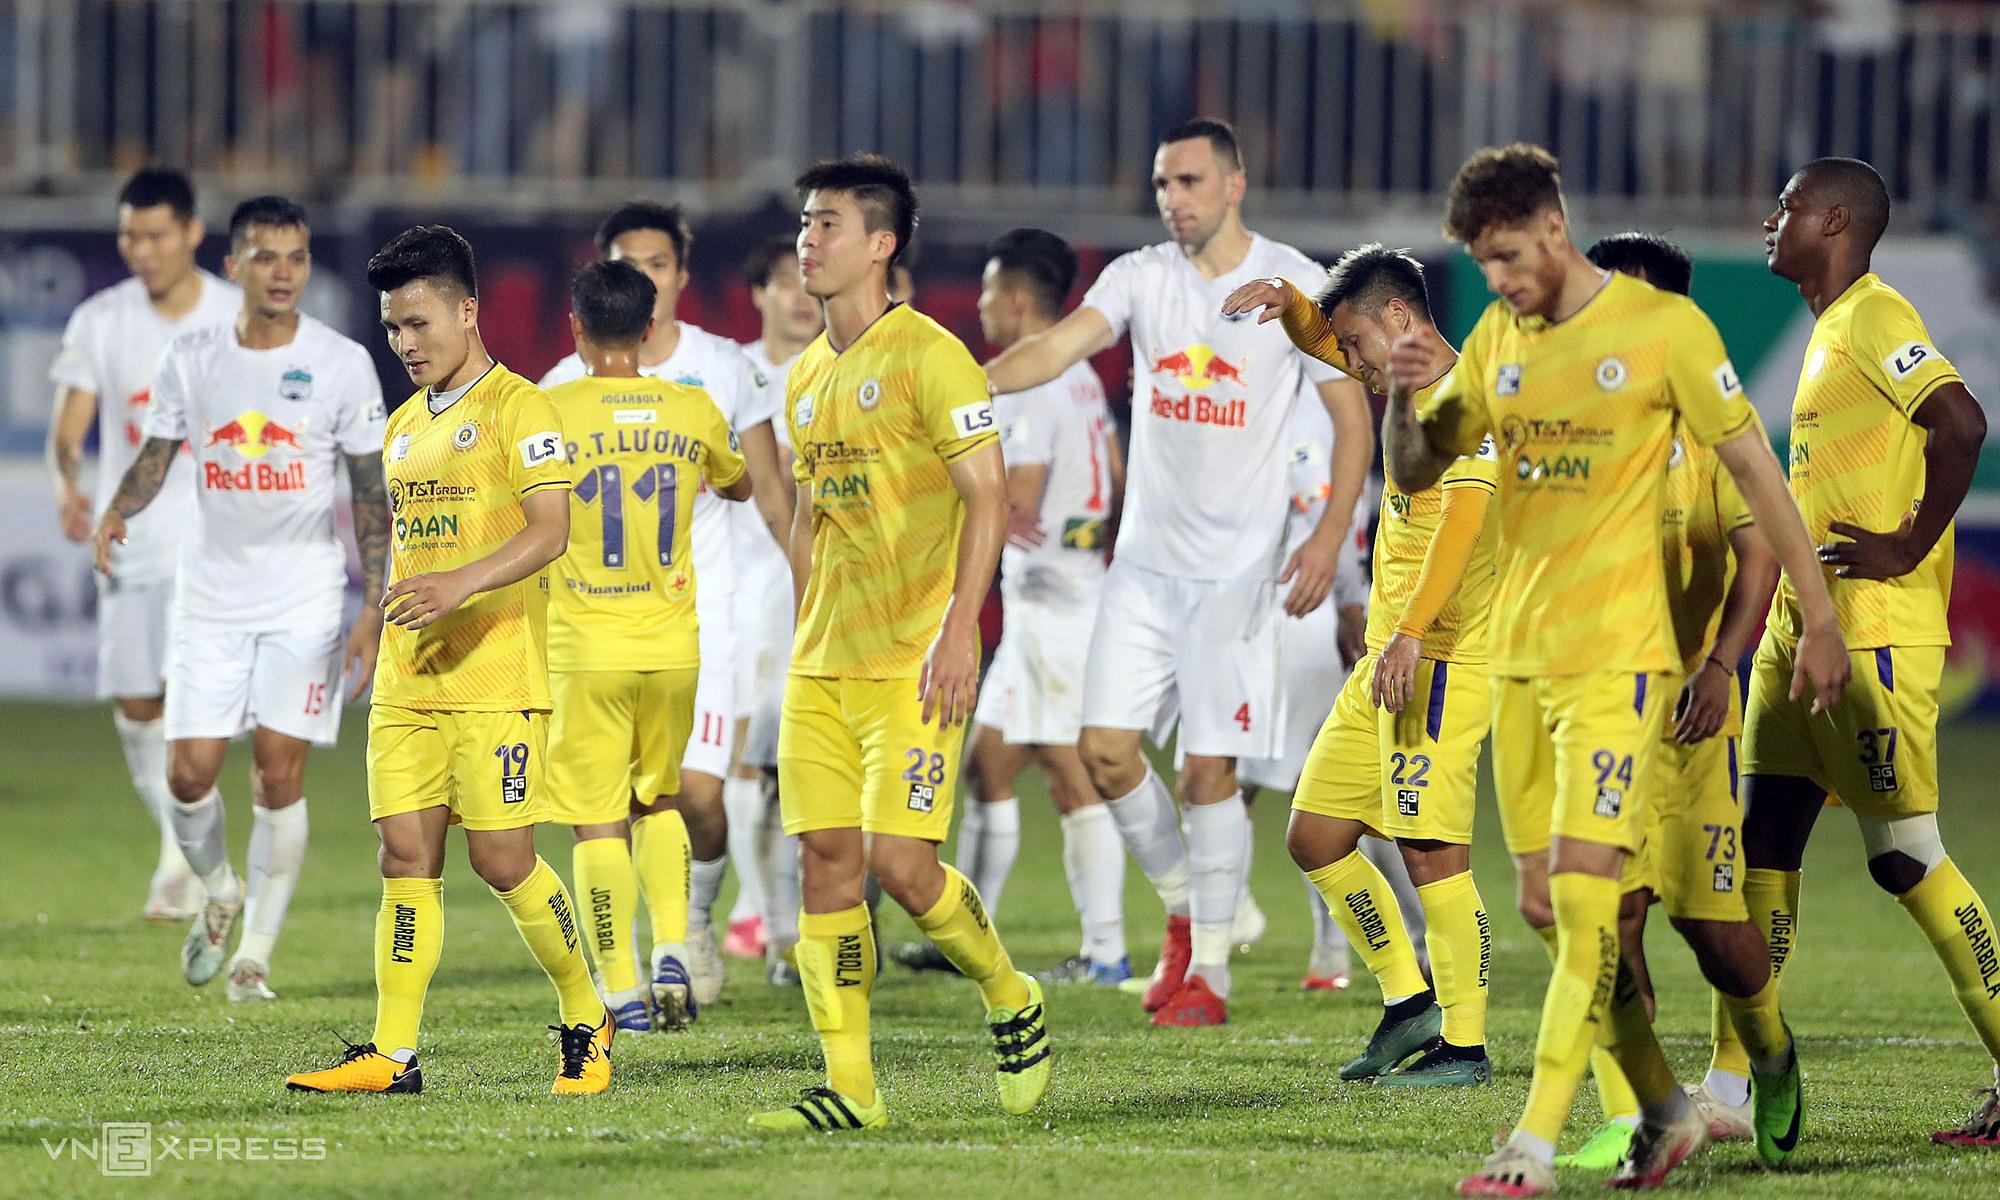 Quang Hai, Dinh Trong dan rekan satu timnya meninggalkan lapangan setelah peluit akhir di Stadion Pleiku pada 18 April.  Foto: Duc Dong